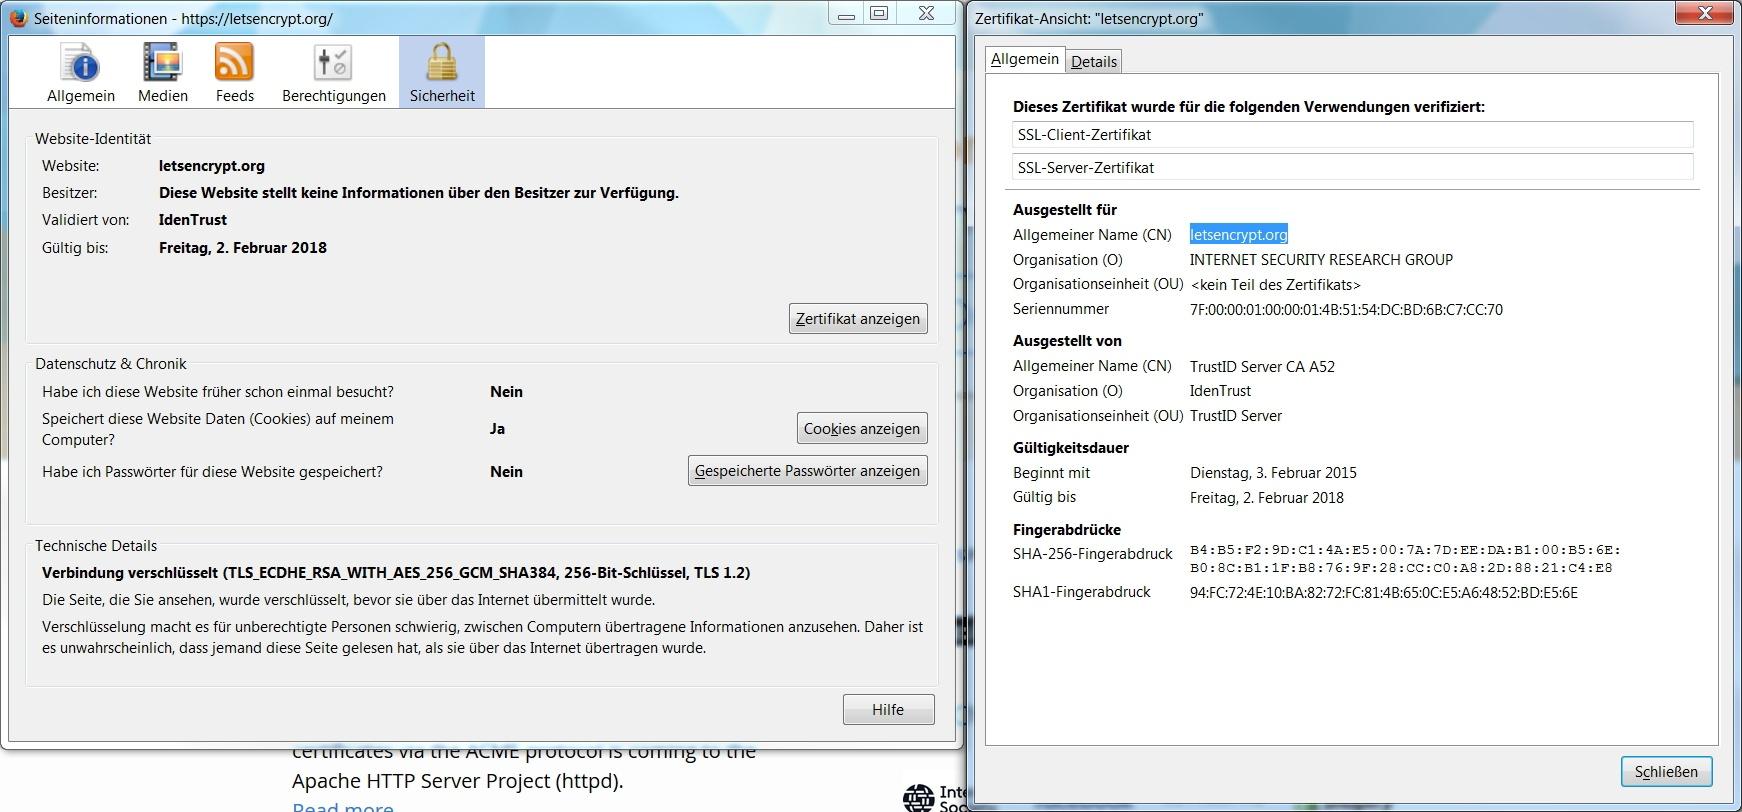 Informationen zur Seitensicherheit in Mozilla Firefox